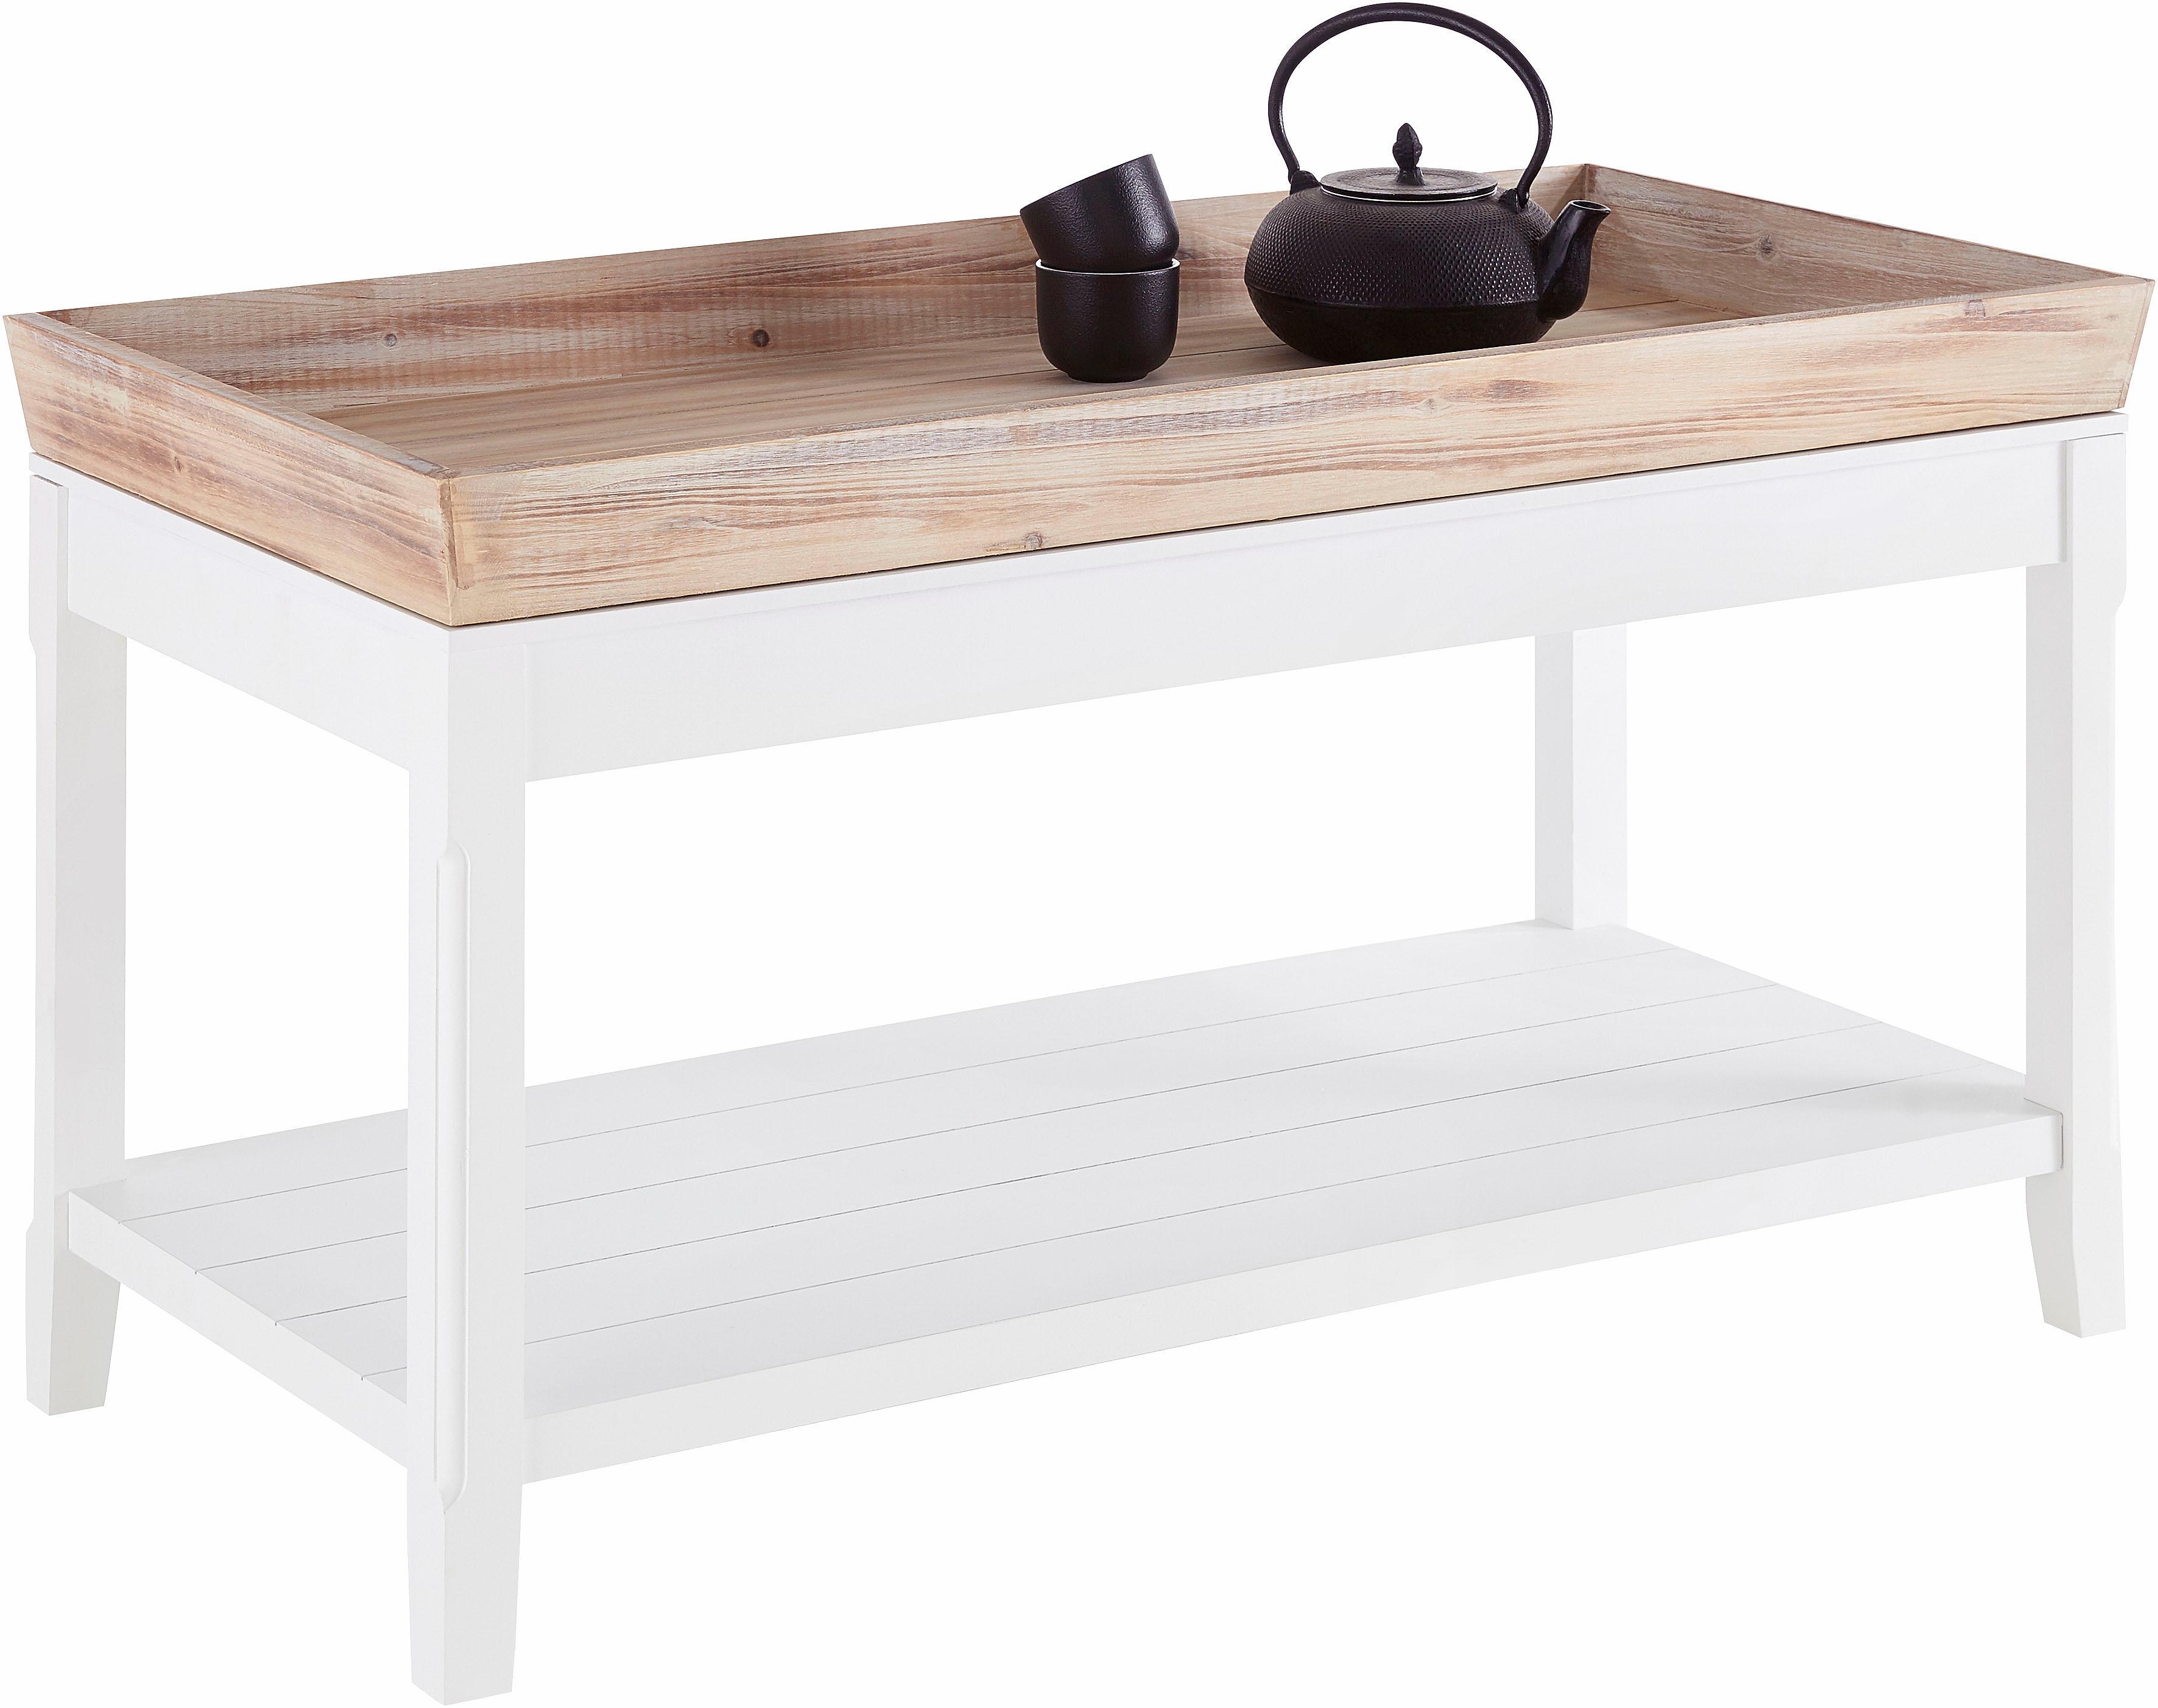 Beistelltisch Riviera Wohnen/Möbel/Tische/Beistelltische